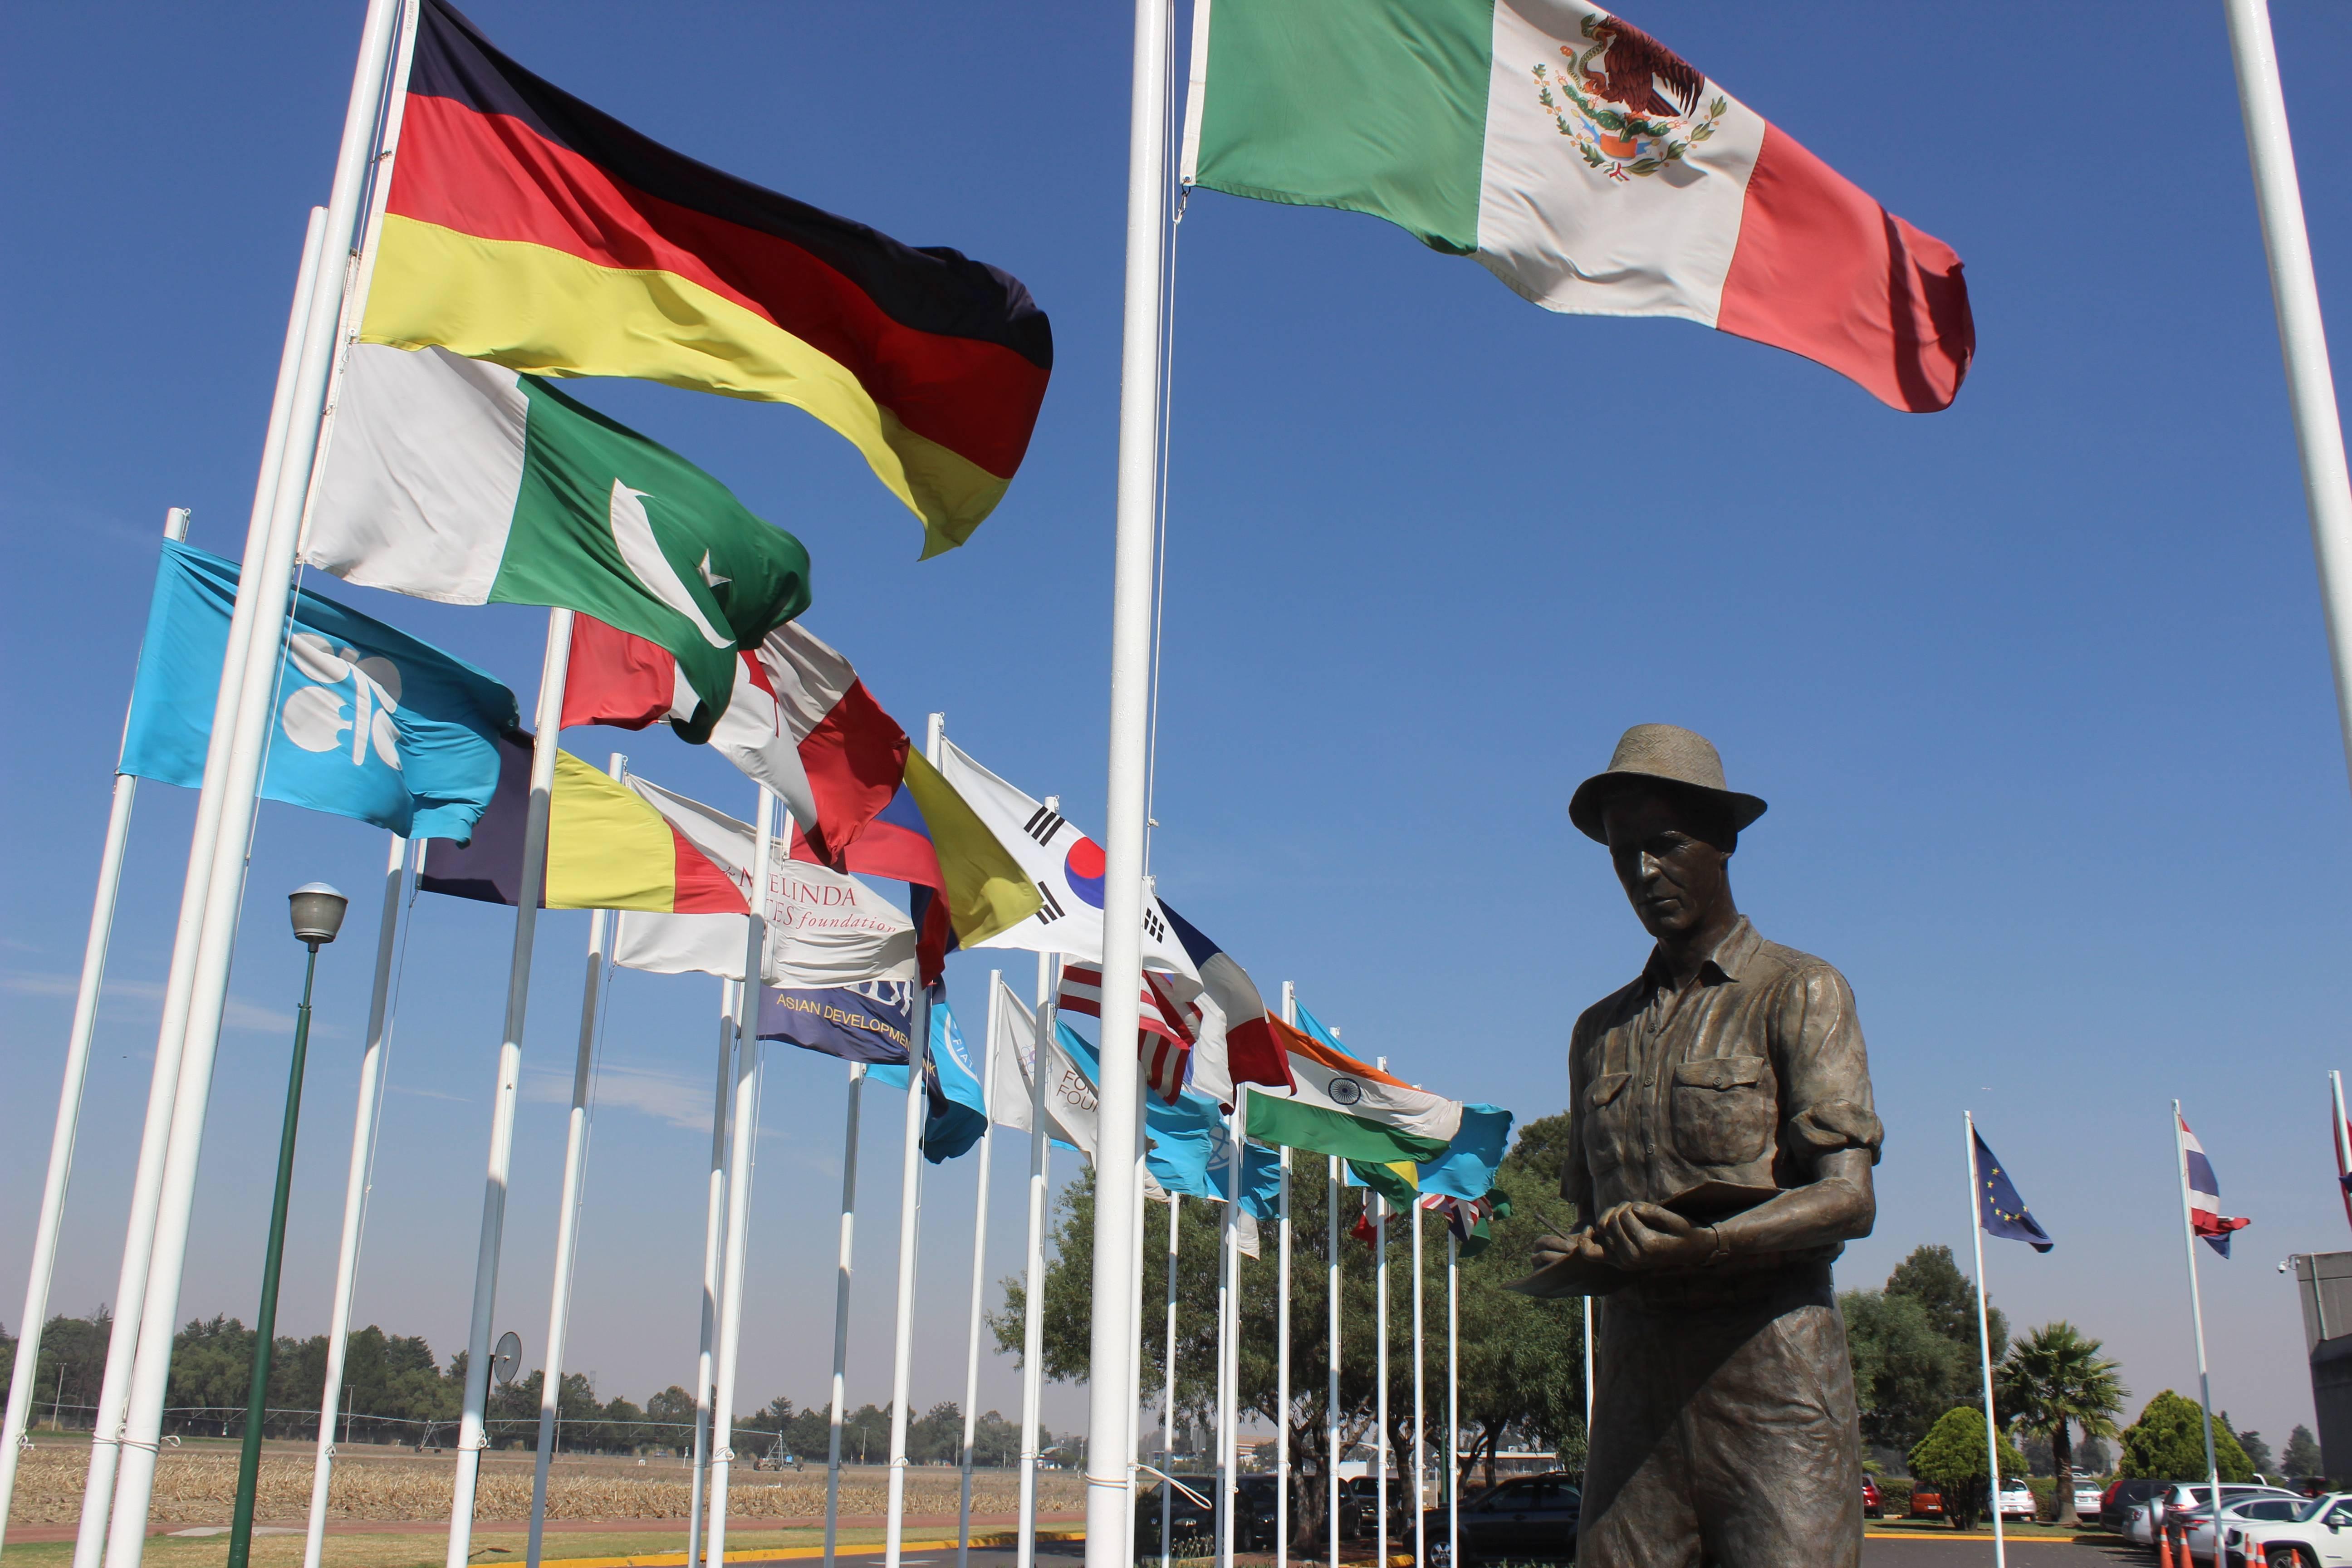 Estátua do prêmio Nobel da Paz Norman Borlaug em frente ao prédio-sede do Centro Internacional de Melhoramento de Milho e Trigo, em Texcoco, México